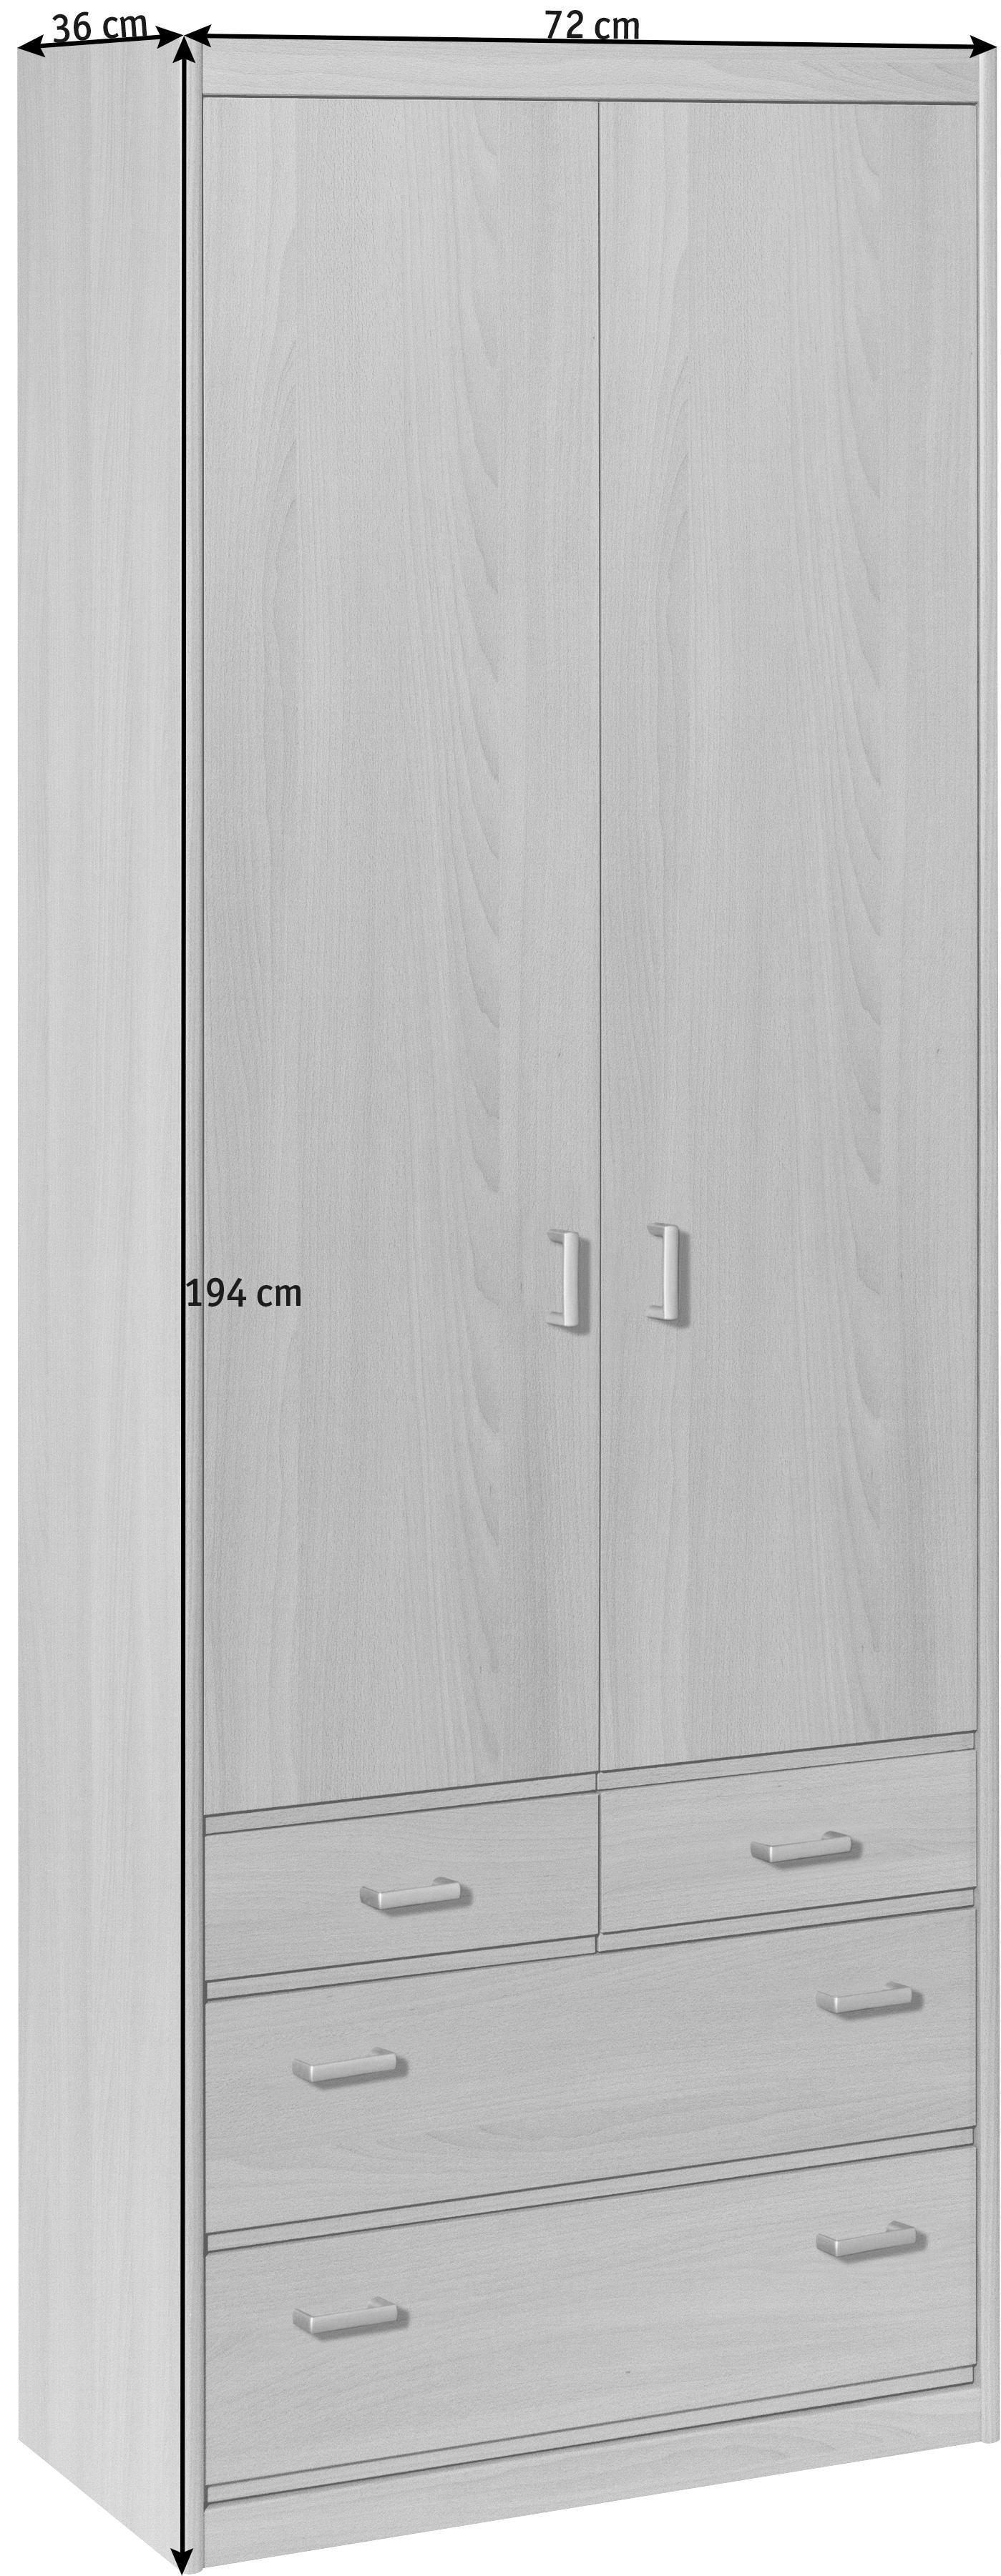 MEHRZWECKSCHRANK in Buchefarben - Silberfarben/Buchefarben, KONVENTIONELL, Holzwerkstoff/Kunststoff (72/194/36cm) - CS SCHMAL